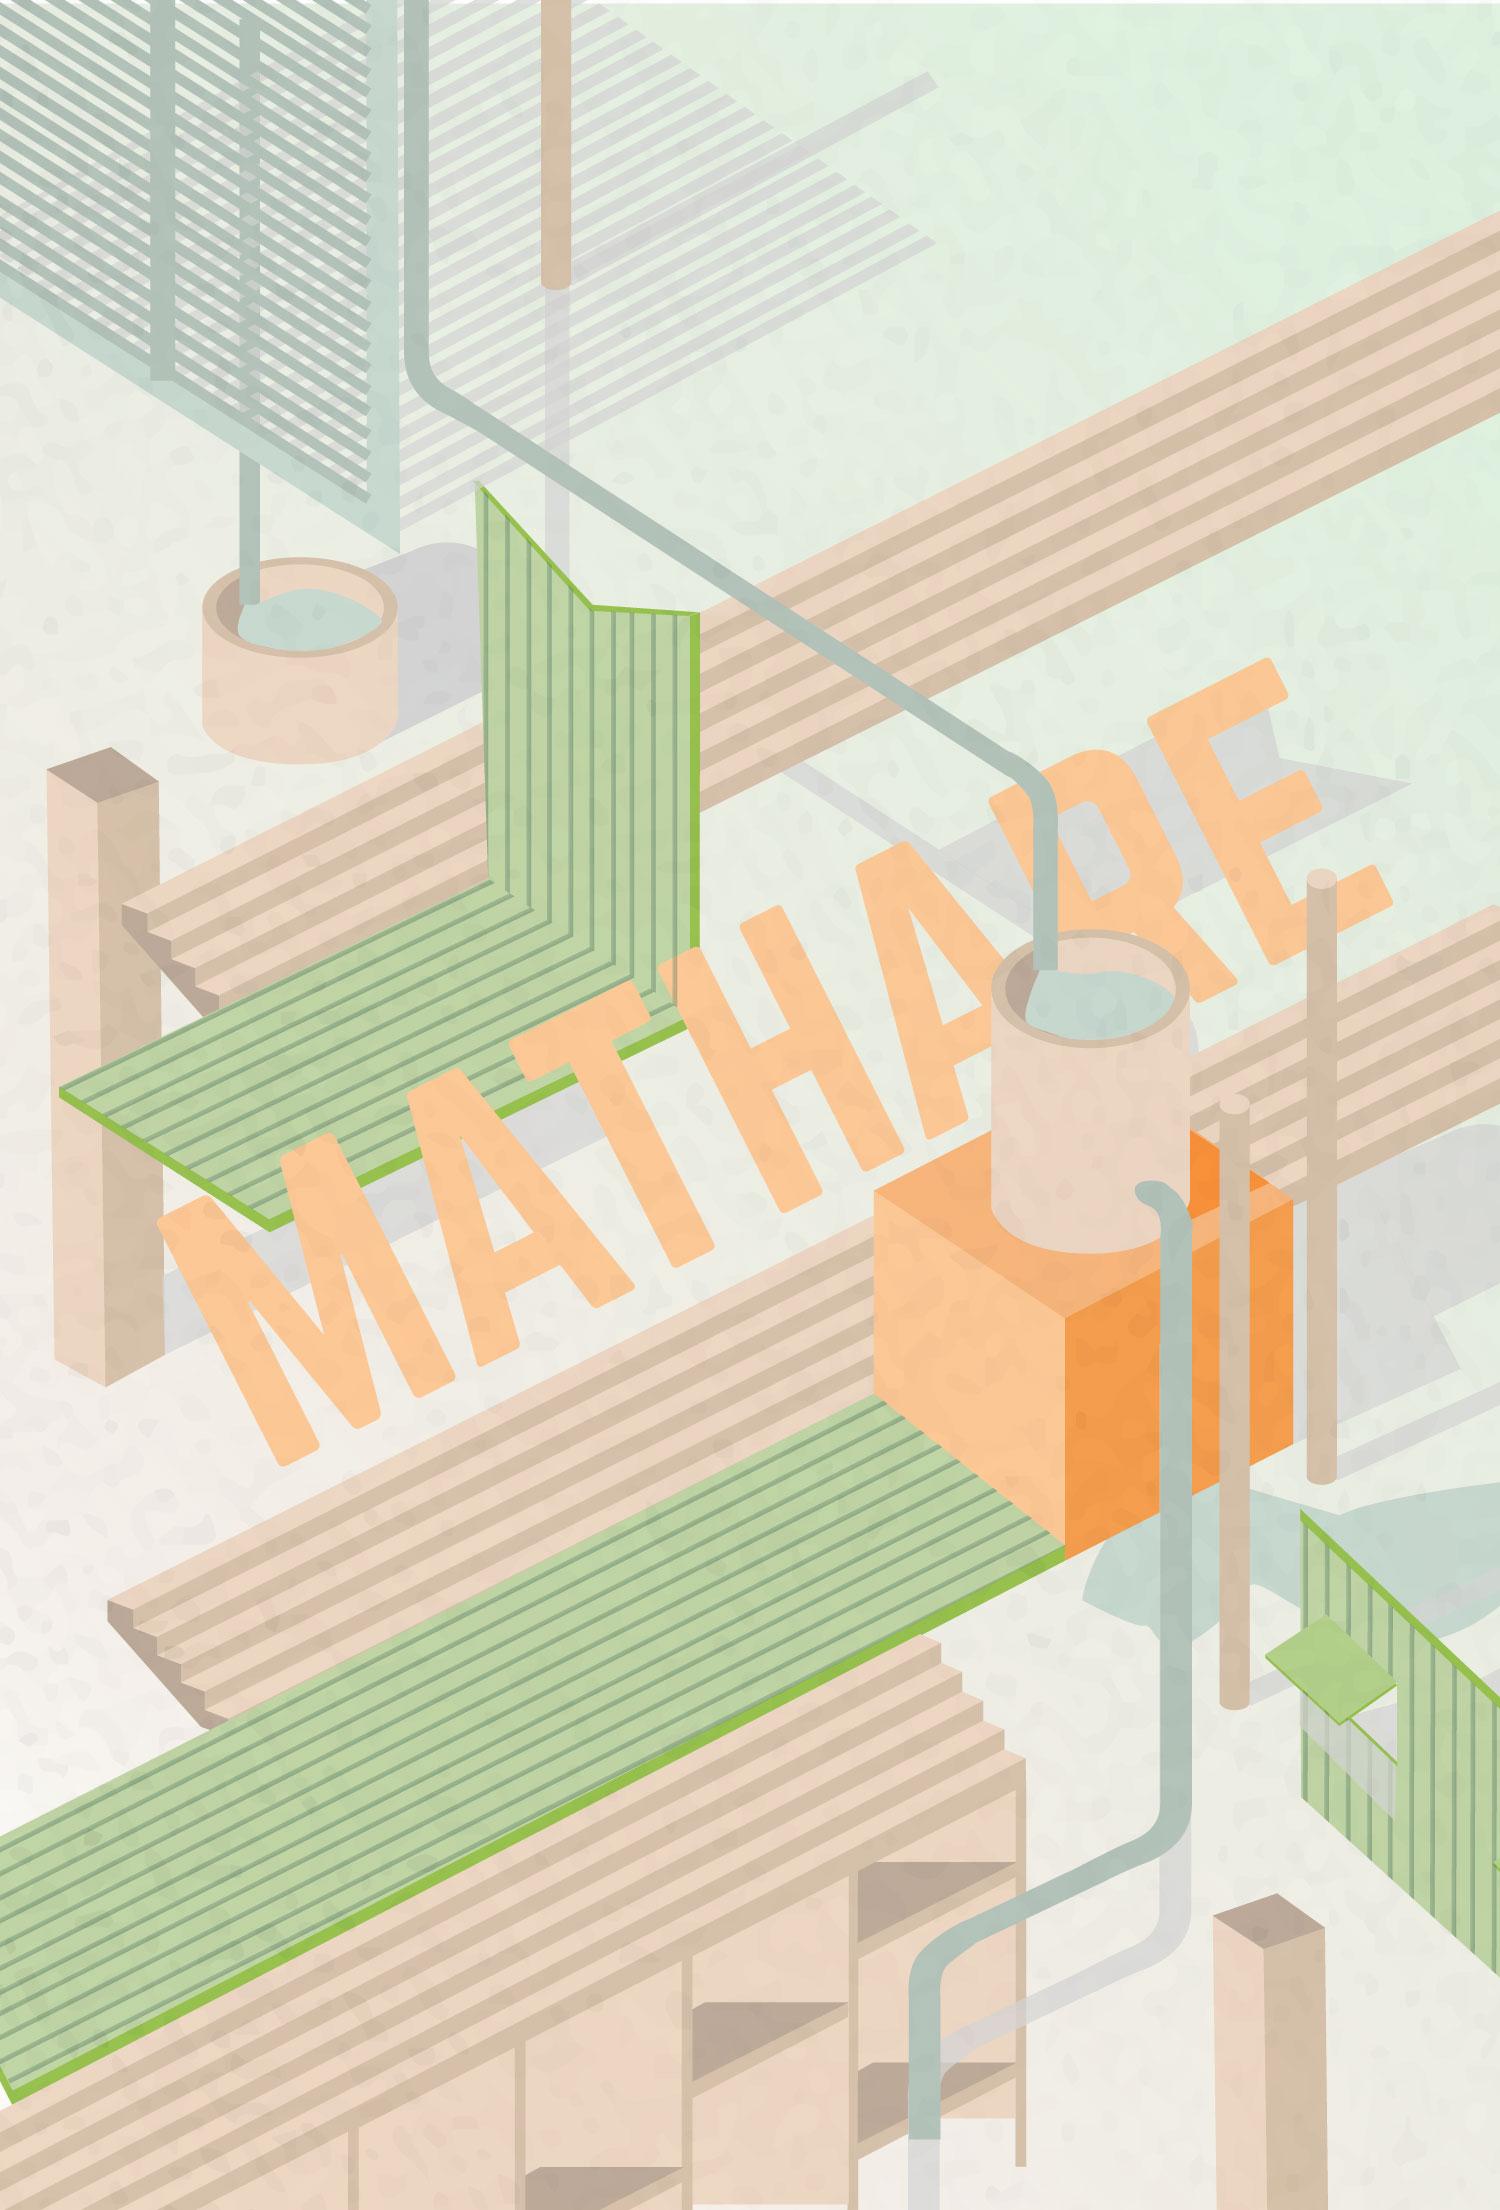 mathare-2